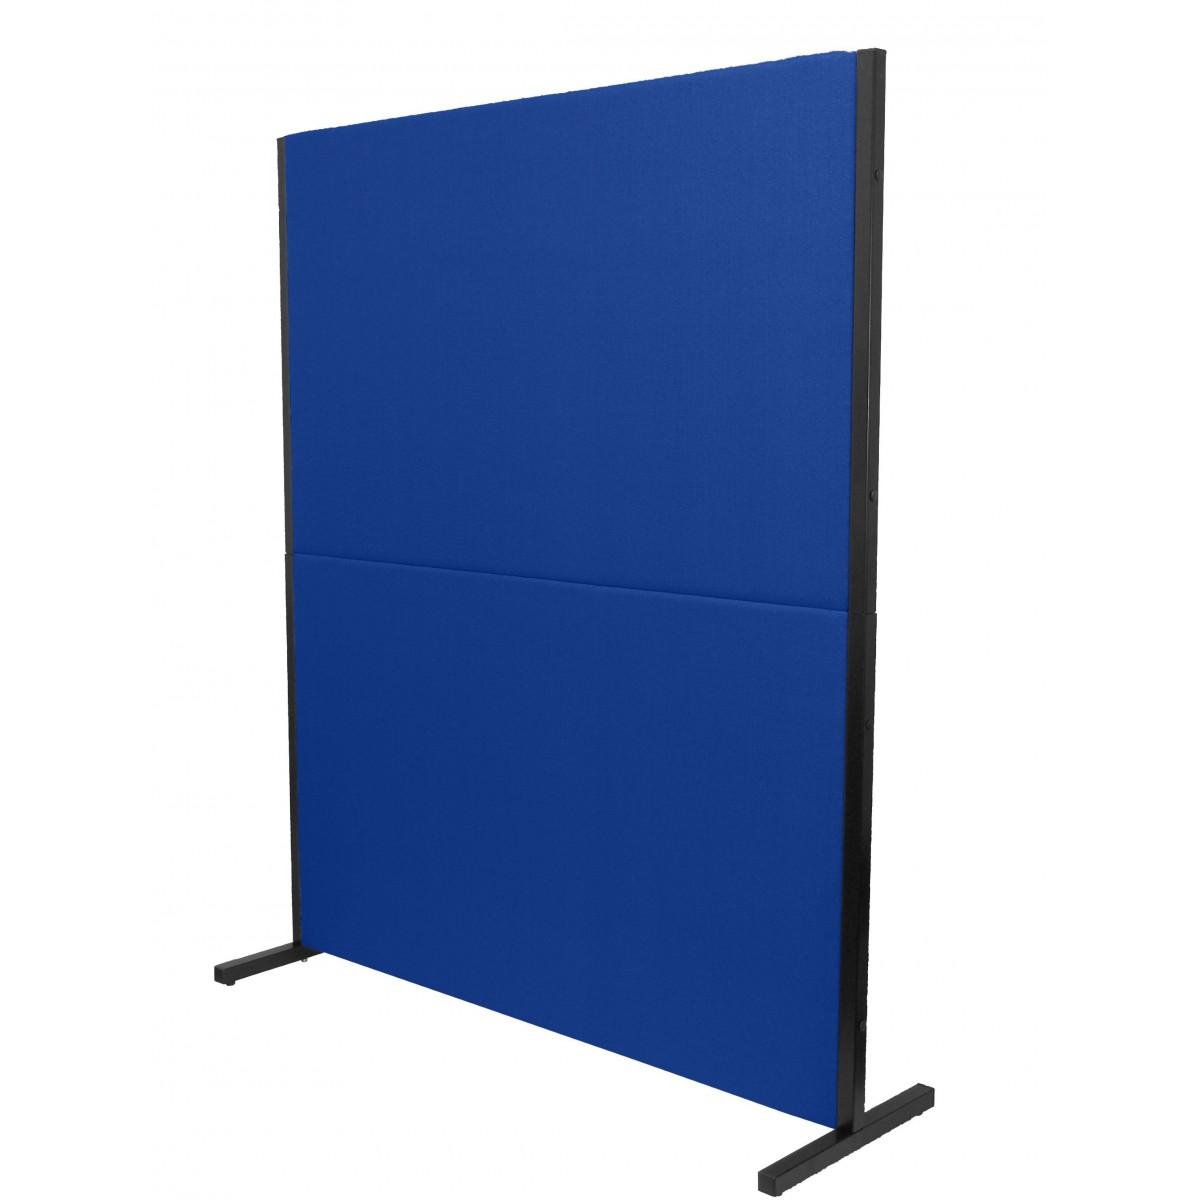 biombo acustico textil azul